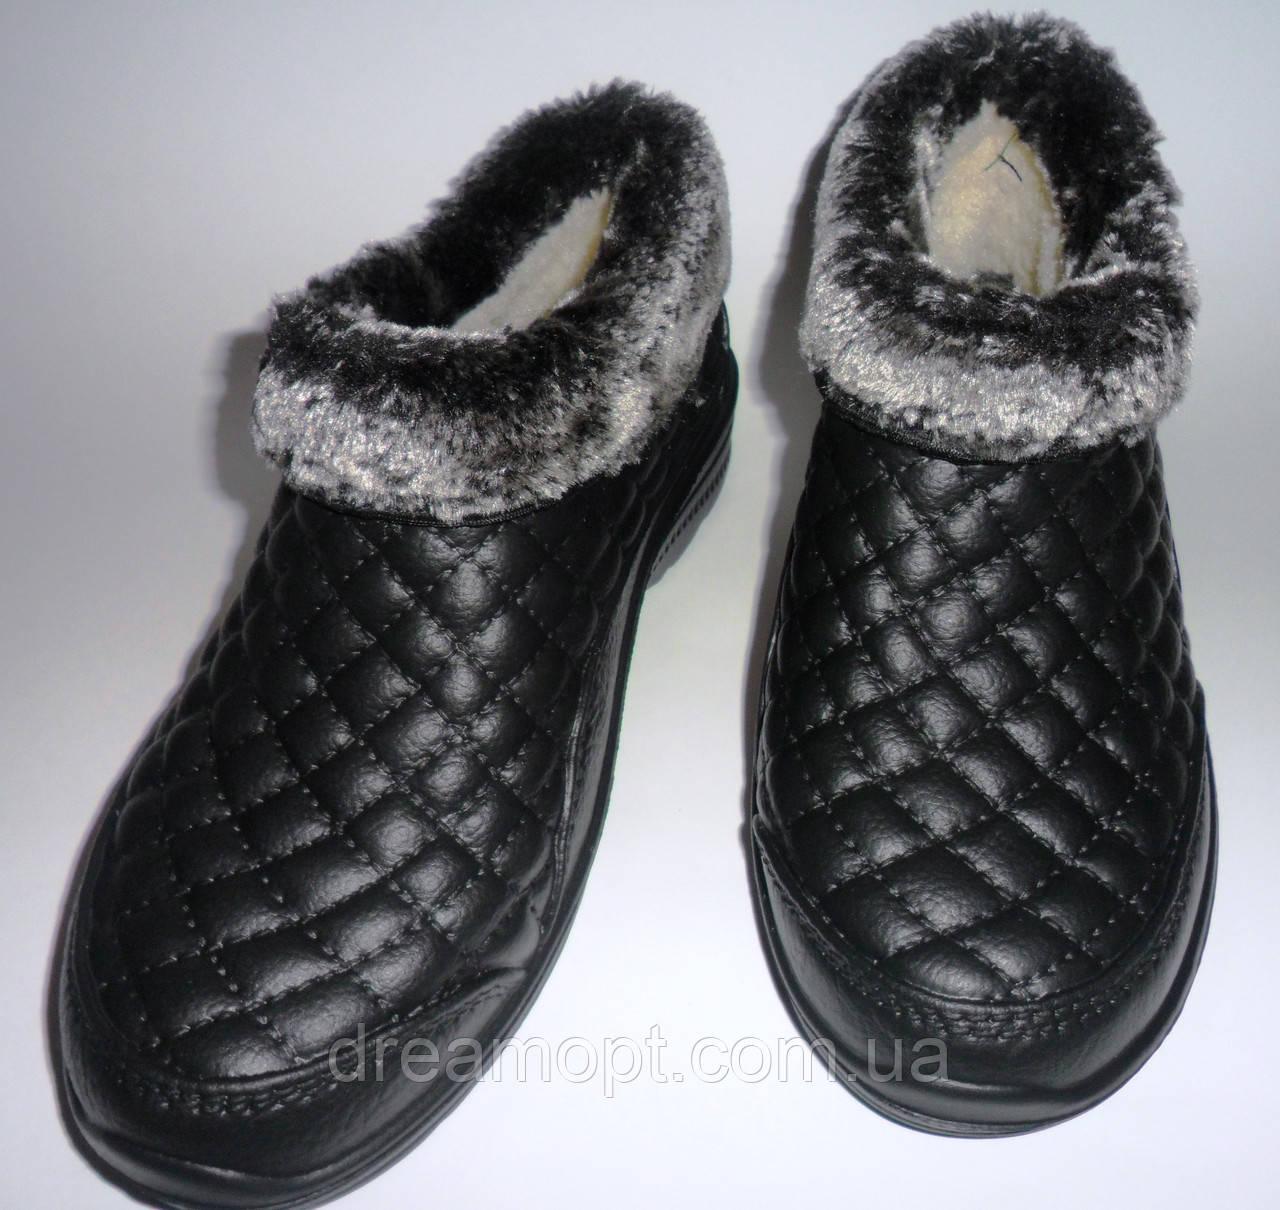 Галош зимний (женский) Эва черный  крок